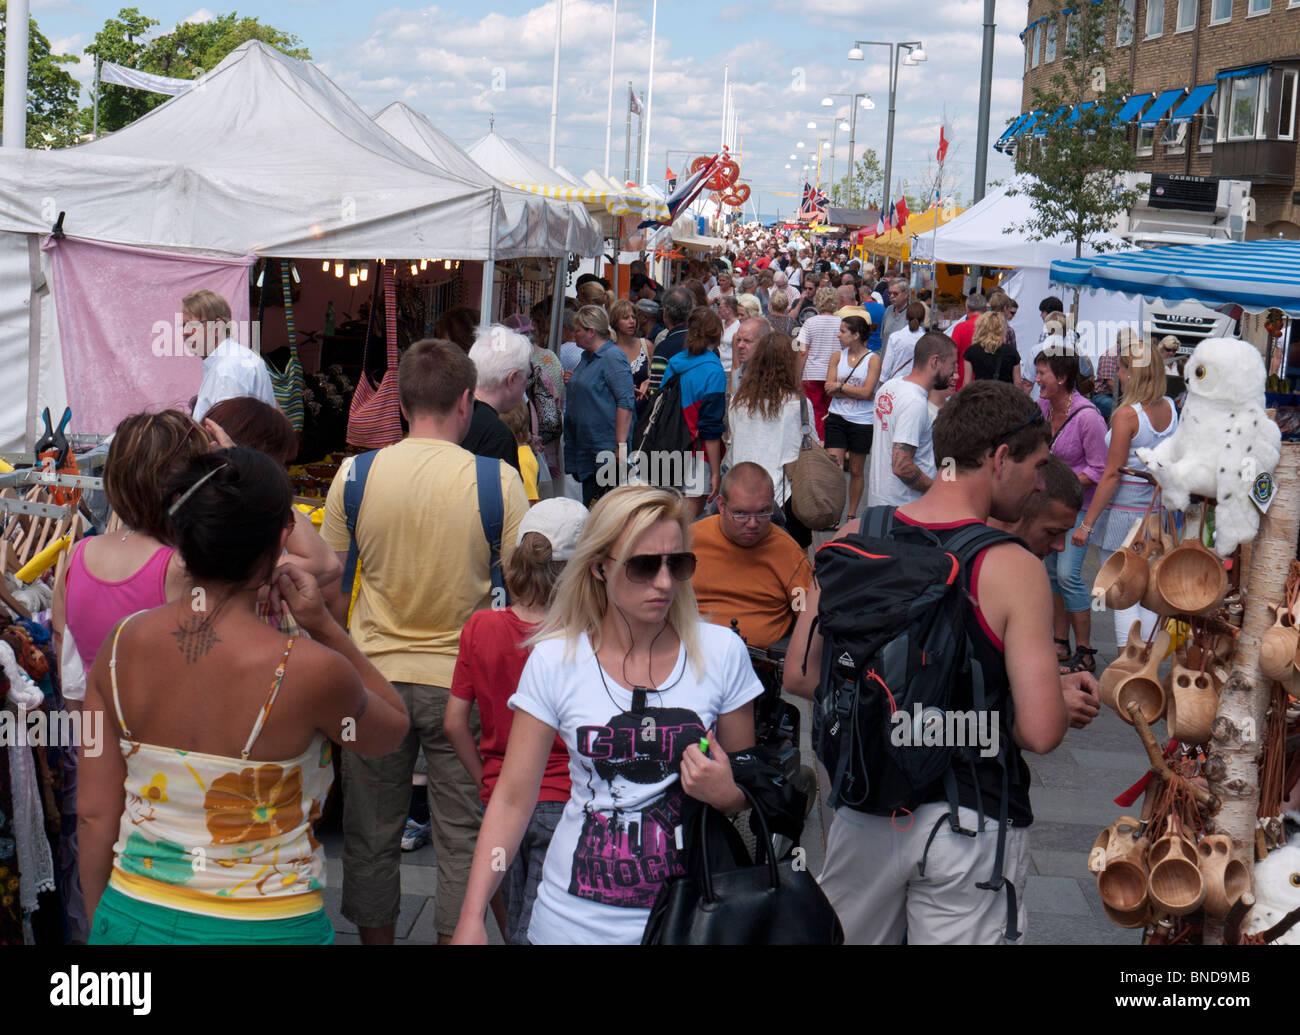 Vue sur rue animée au cours du marché international food festival à Jonkoping en Suède Photo Stock